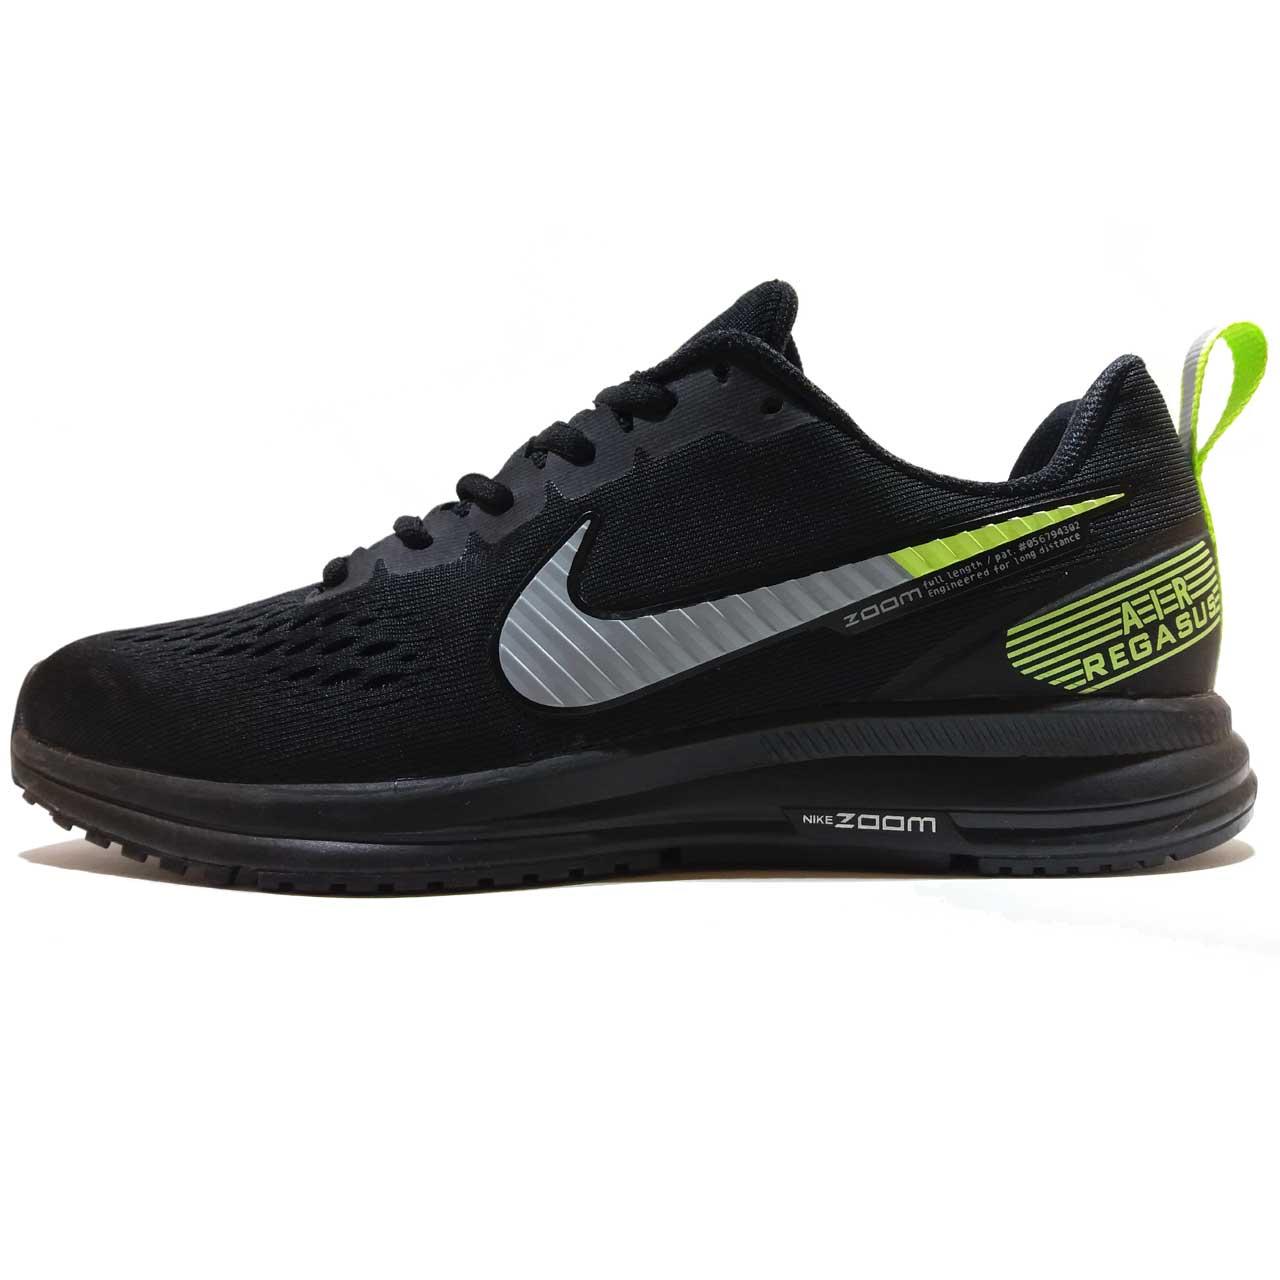 کفش مخصوص دویدن مردانه مدل Zoom Structure 22X-013